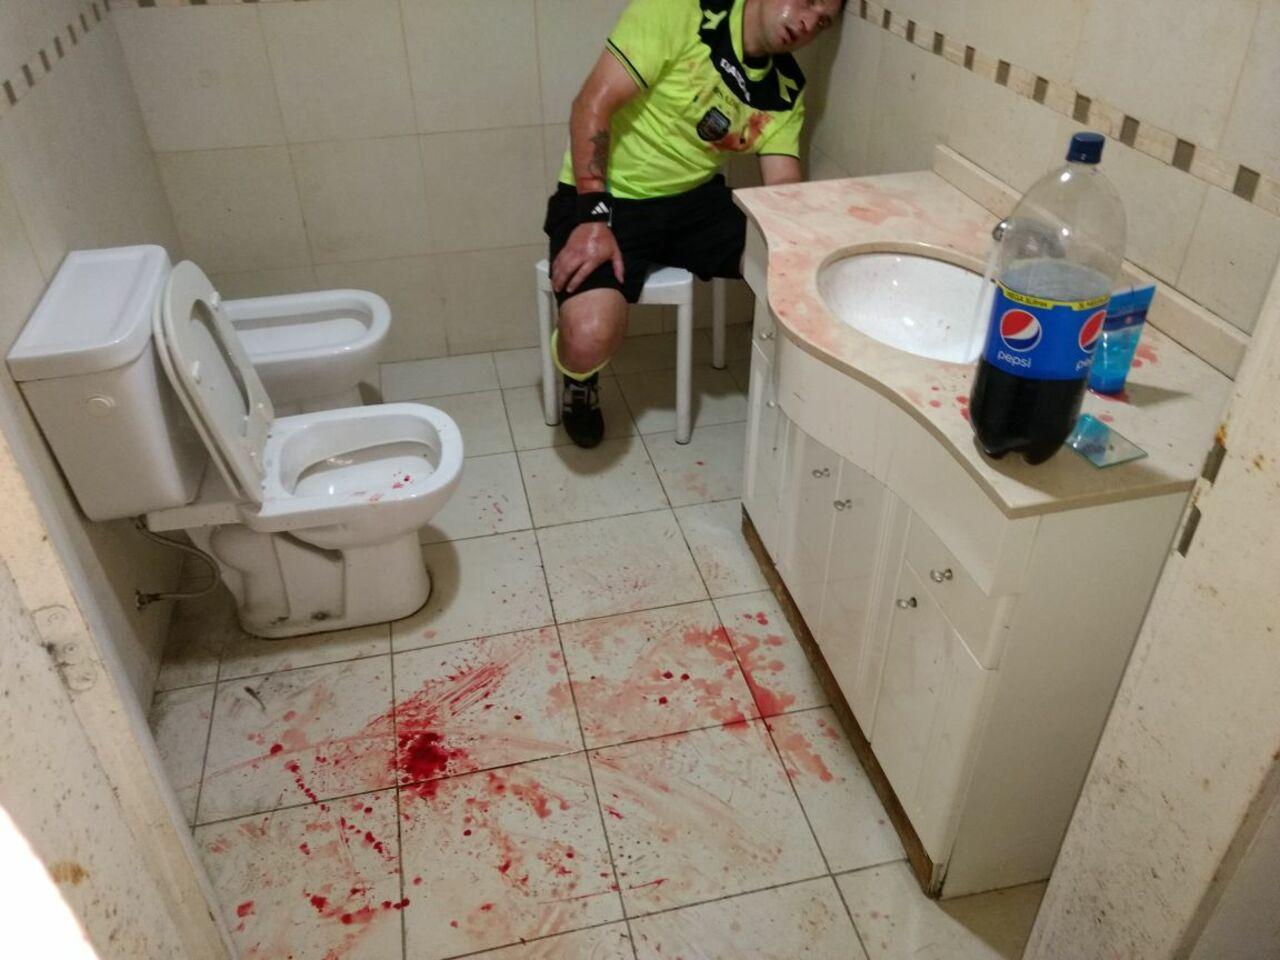 Фанаты безжалостно избили ипроломили голову арбитру вовремя матча